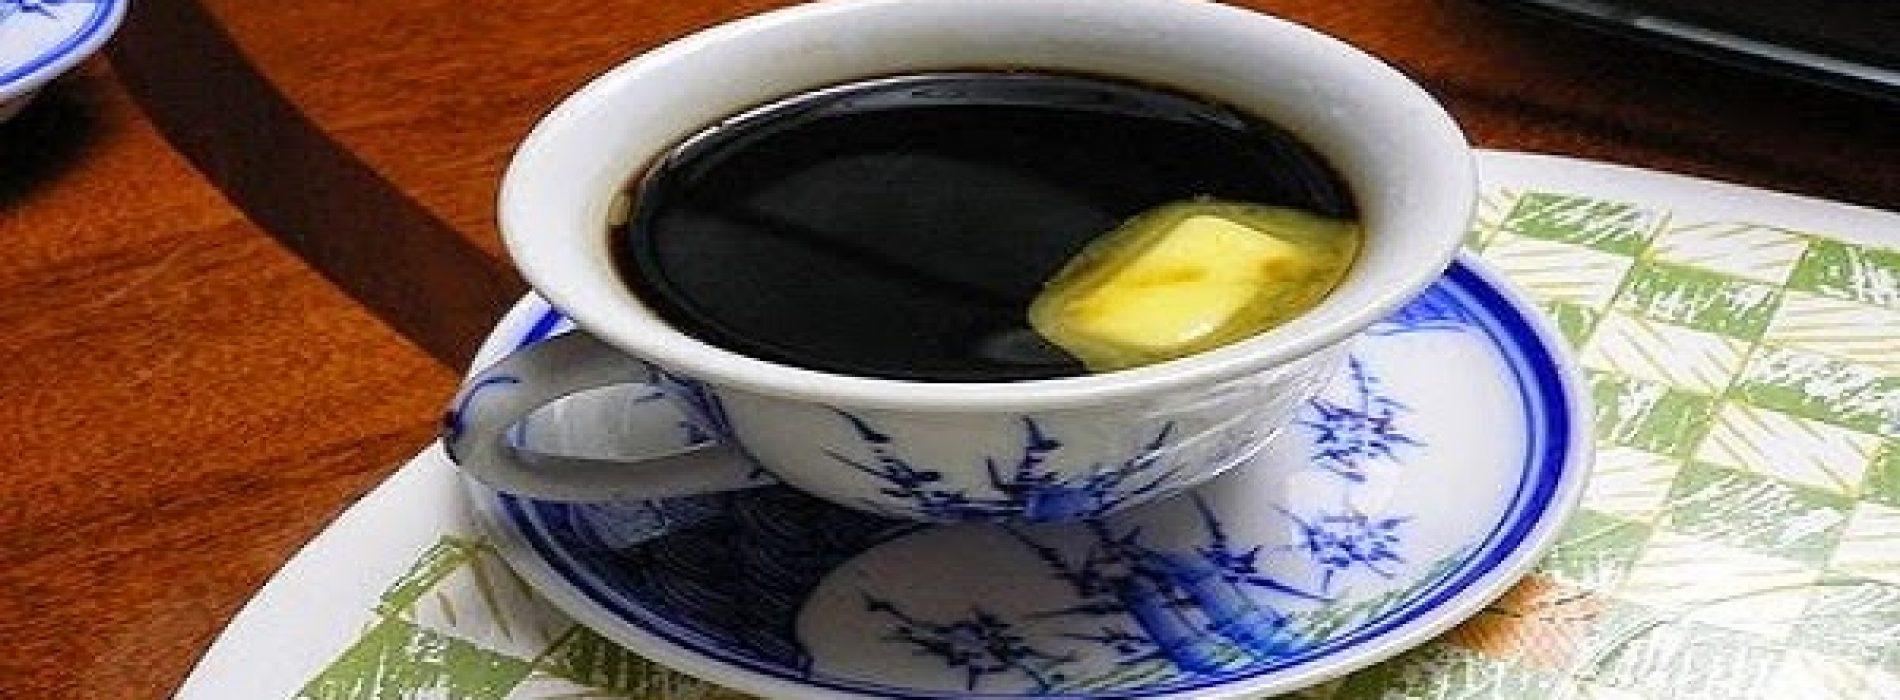 Waarom Iedereen opeens boter in hun koffie doet…